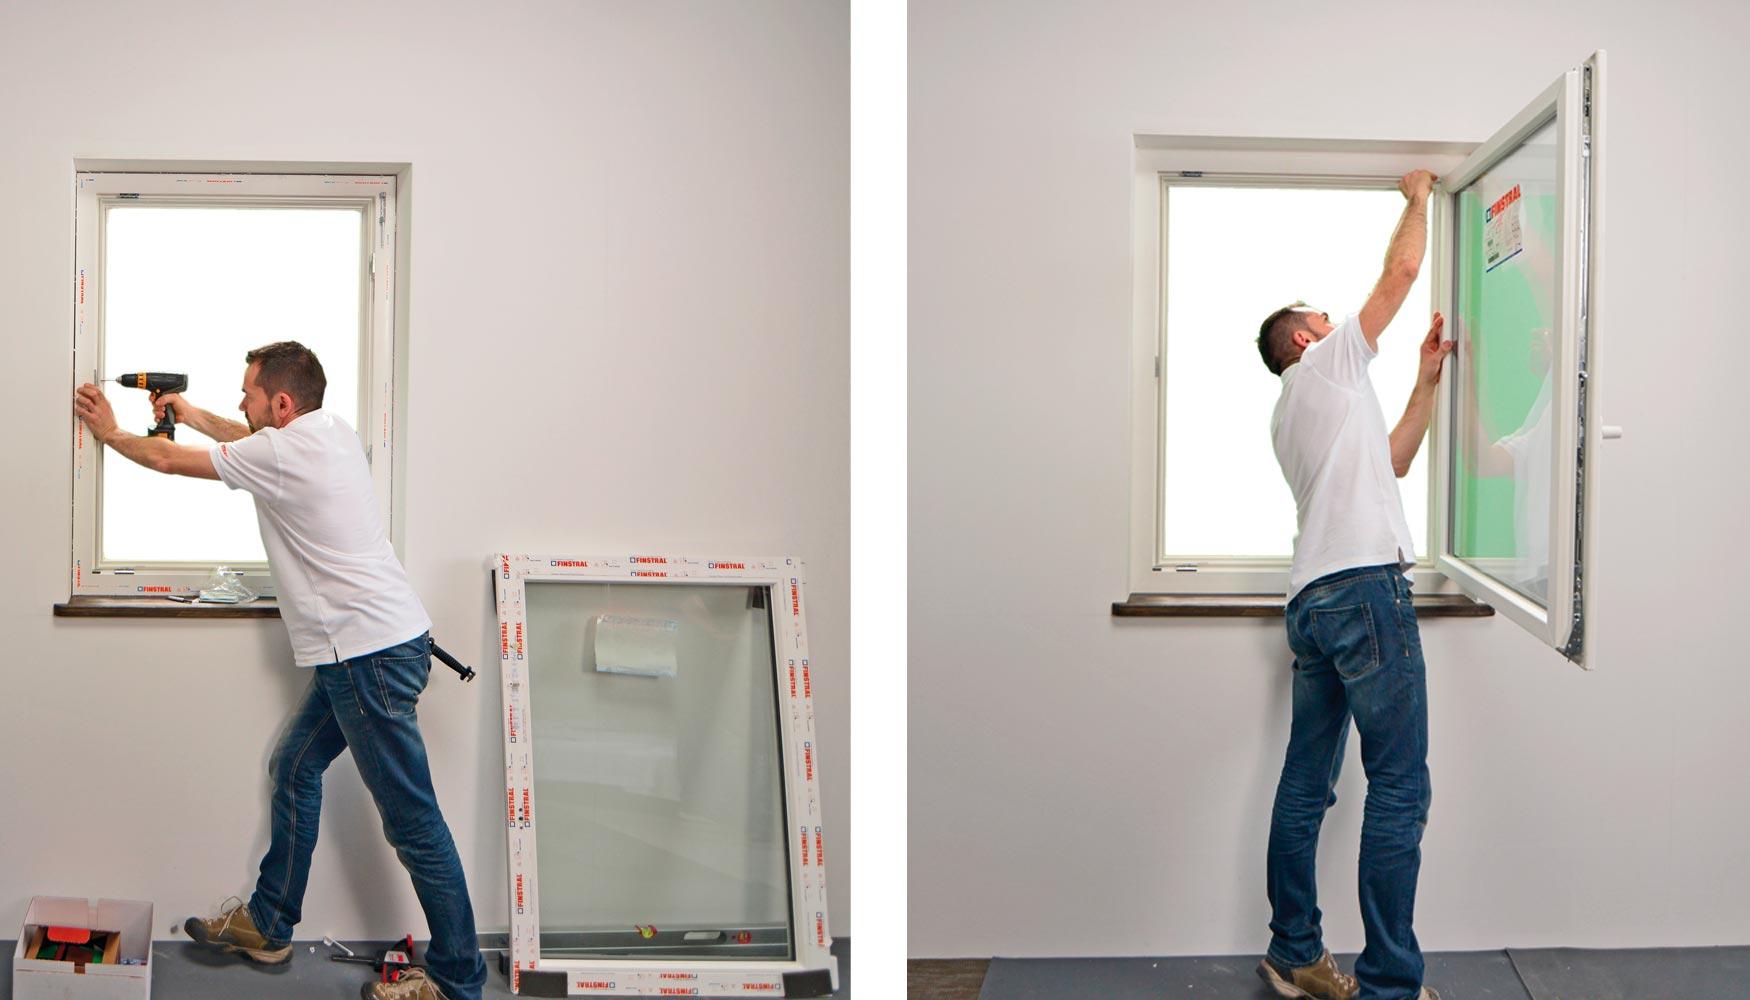 Sustituci n f cil r pida y limpia de ventanas - Presupuesto cambio ventanas ...